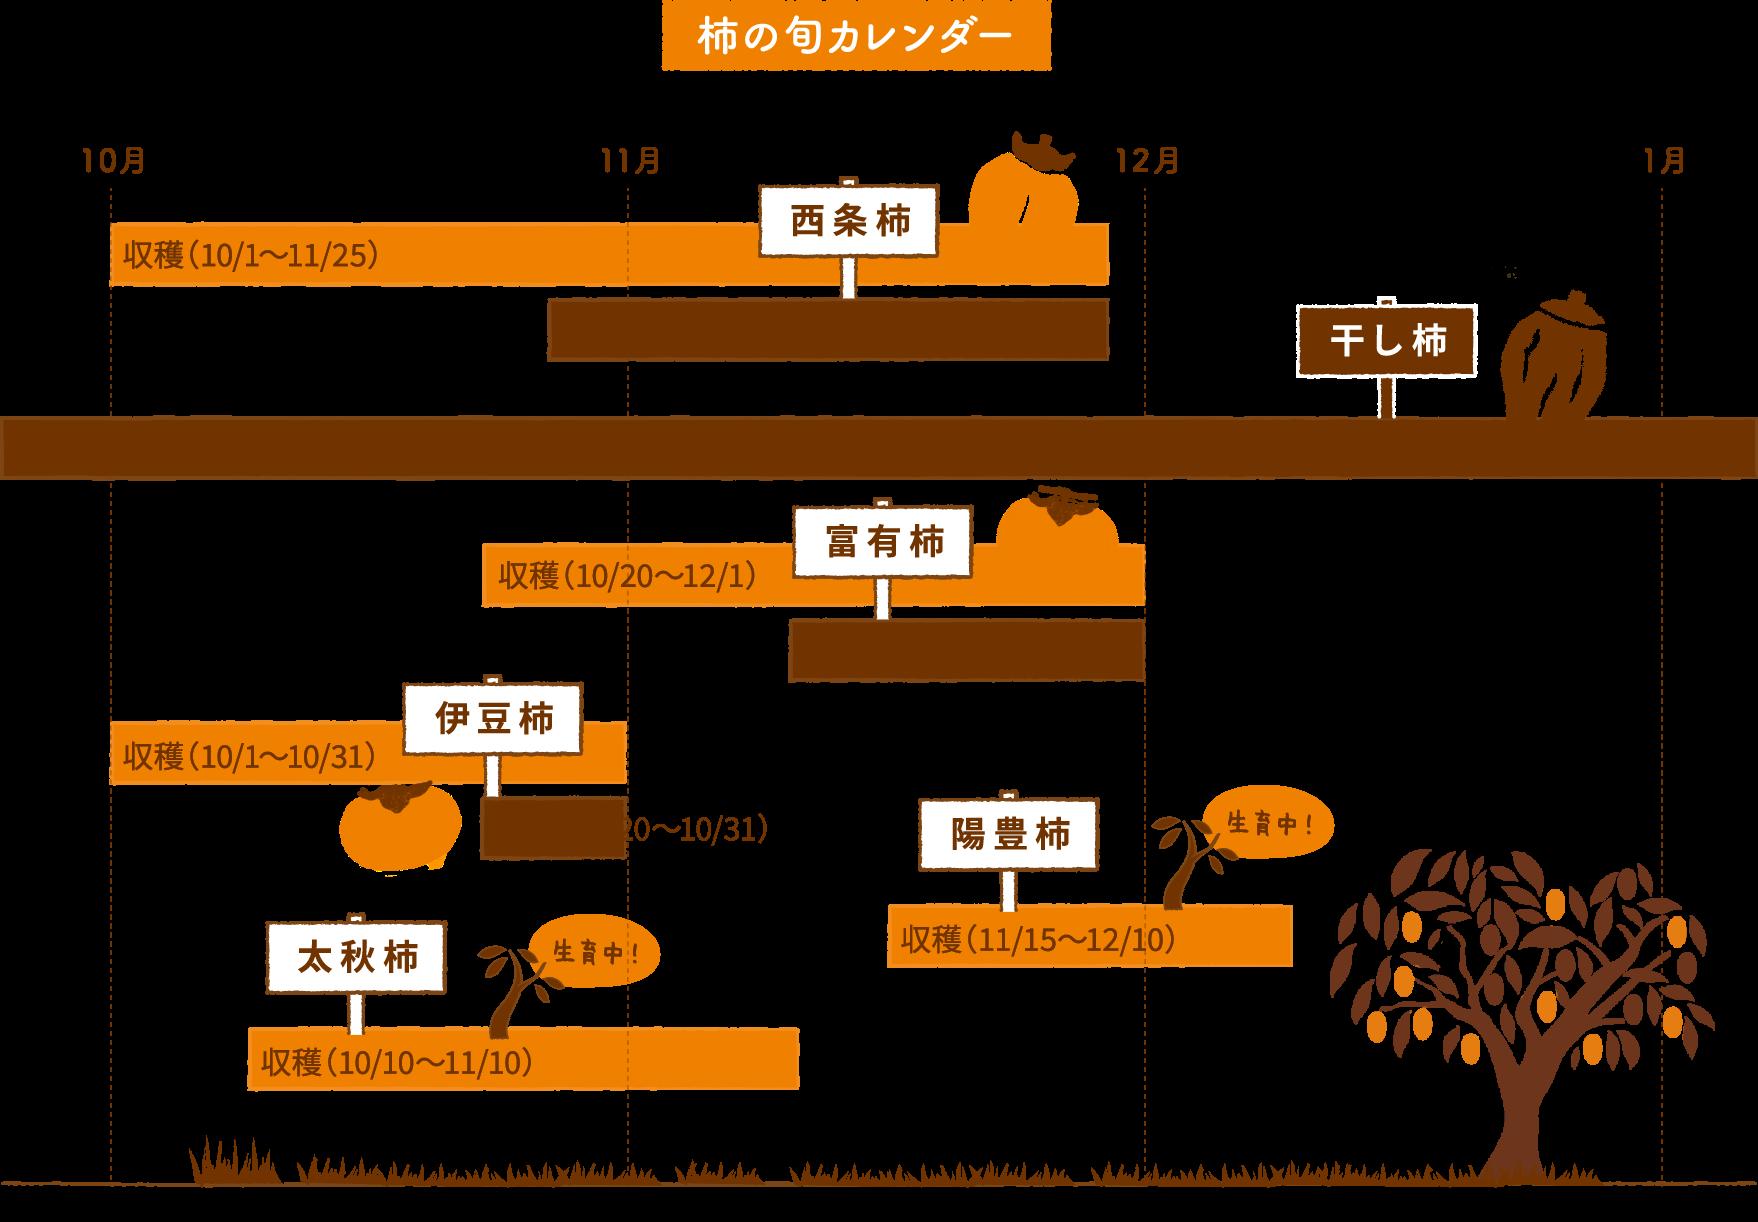 柿の旬のカレンダー